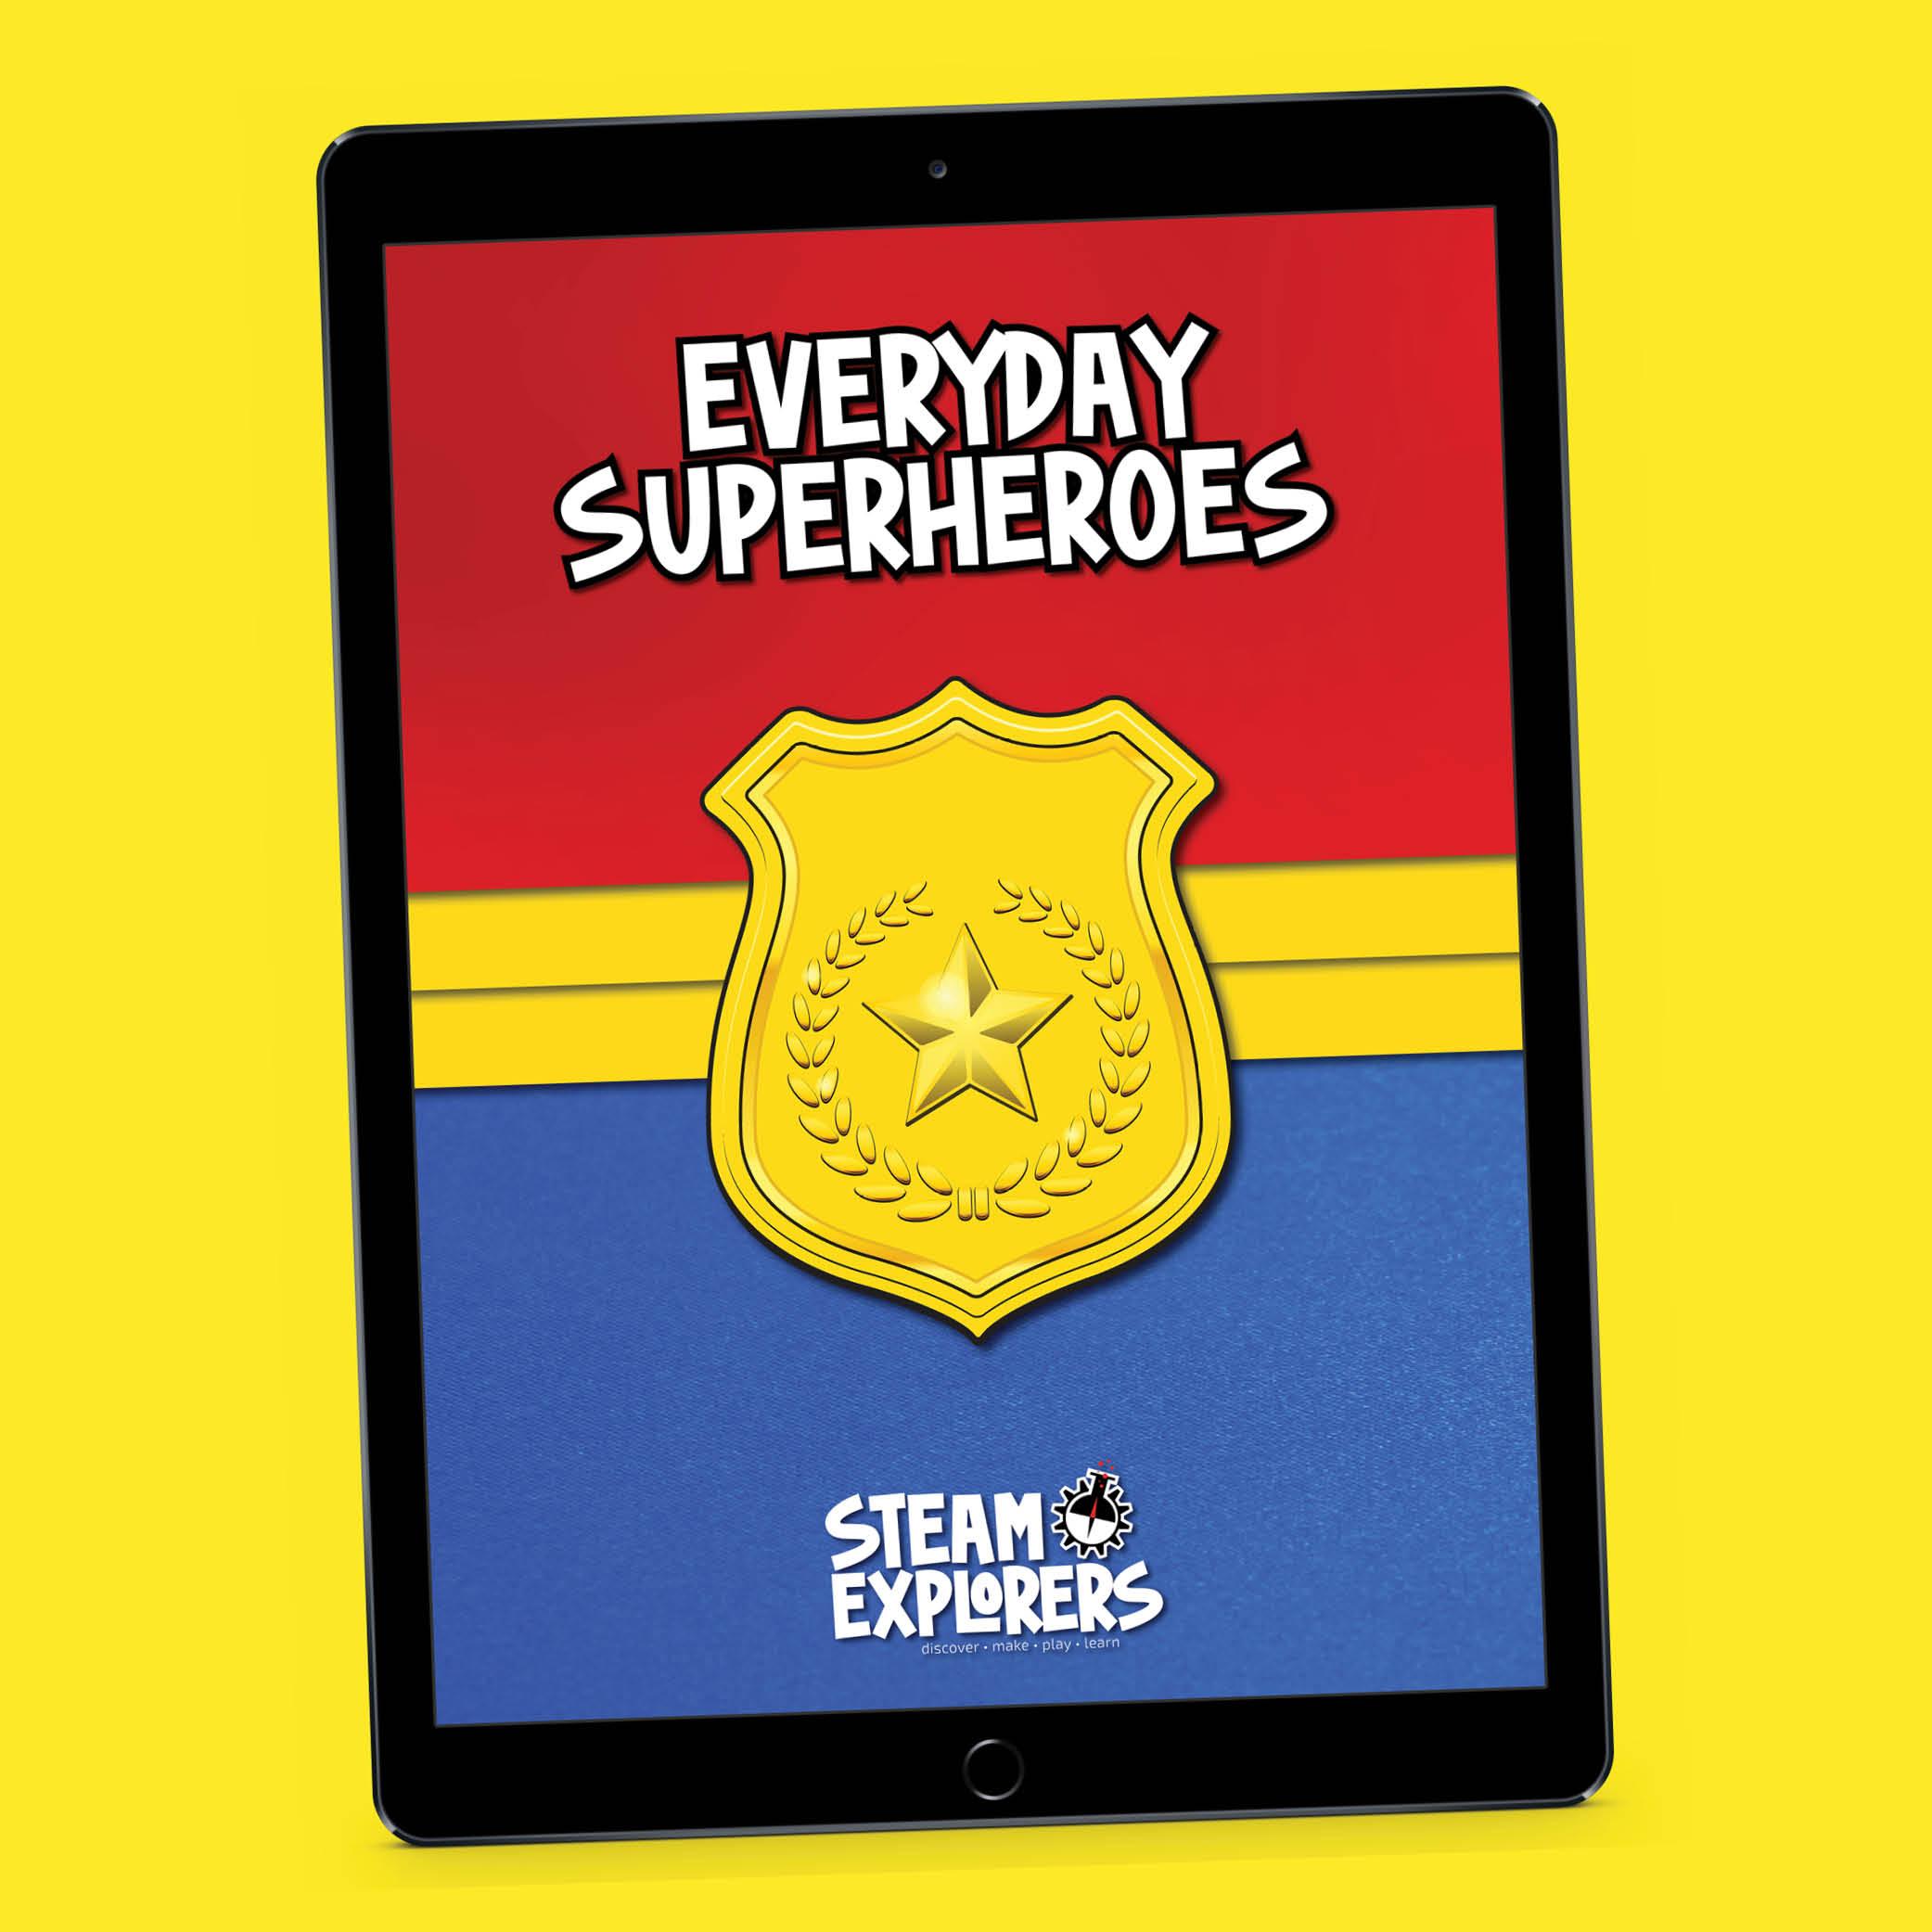 everyday Superheroes ipad on angle yellow